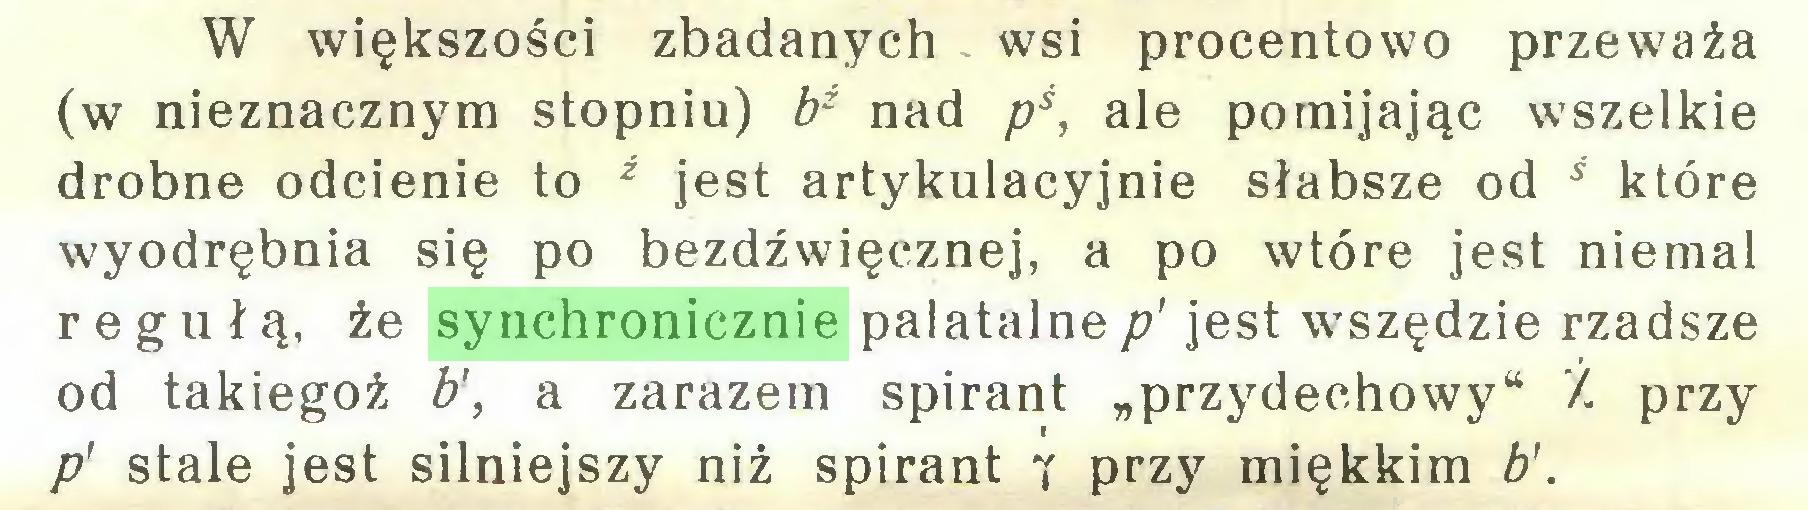 """(...) W większości zbadanych wsi procentowo przeważa (w nieznacznym stopniu) bź nad pś, ale pomijając wszelkie drobne odcienie to ż jest artykulacyjnie słabsze od ś które wyodrębnia się po bezdźwięcznej, a po wtóre jest niemal regułą, że synchronicznie palatalnep' jest wszędzie rzadsze od takiegoż b\ a zarazem spirant """"przydechowy"""" Ź przy p' stale jest silniejszy niż spirant y przy miękkim b'..."""